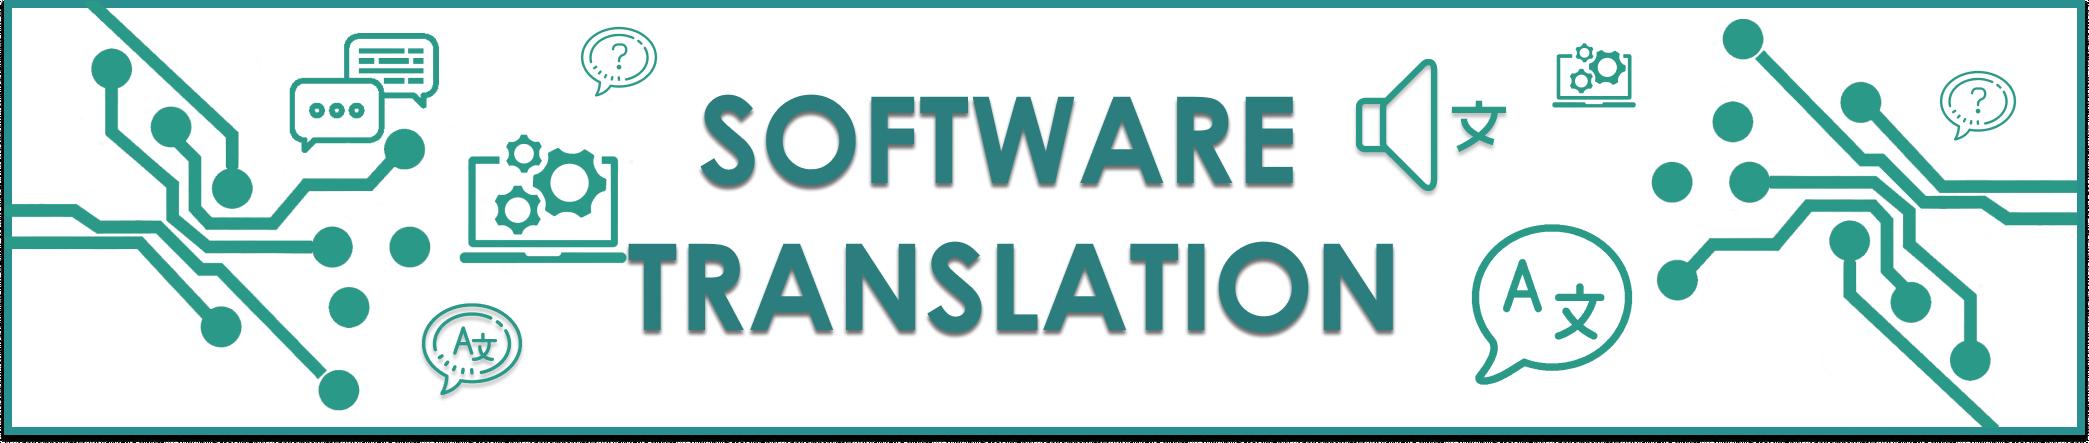 Software Translation